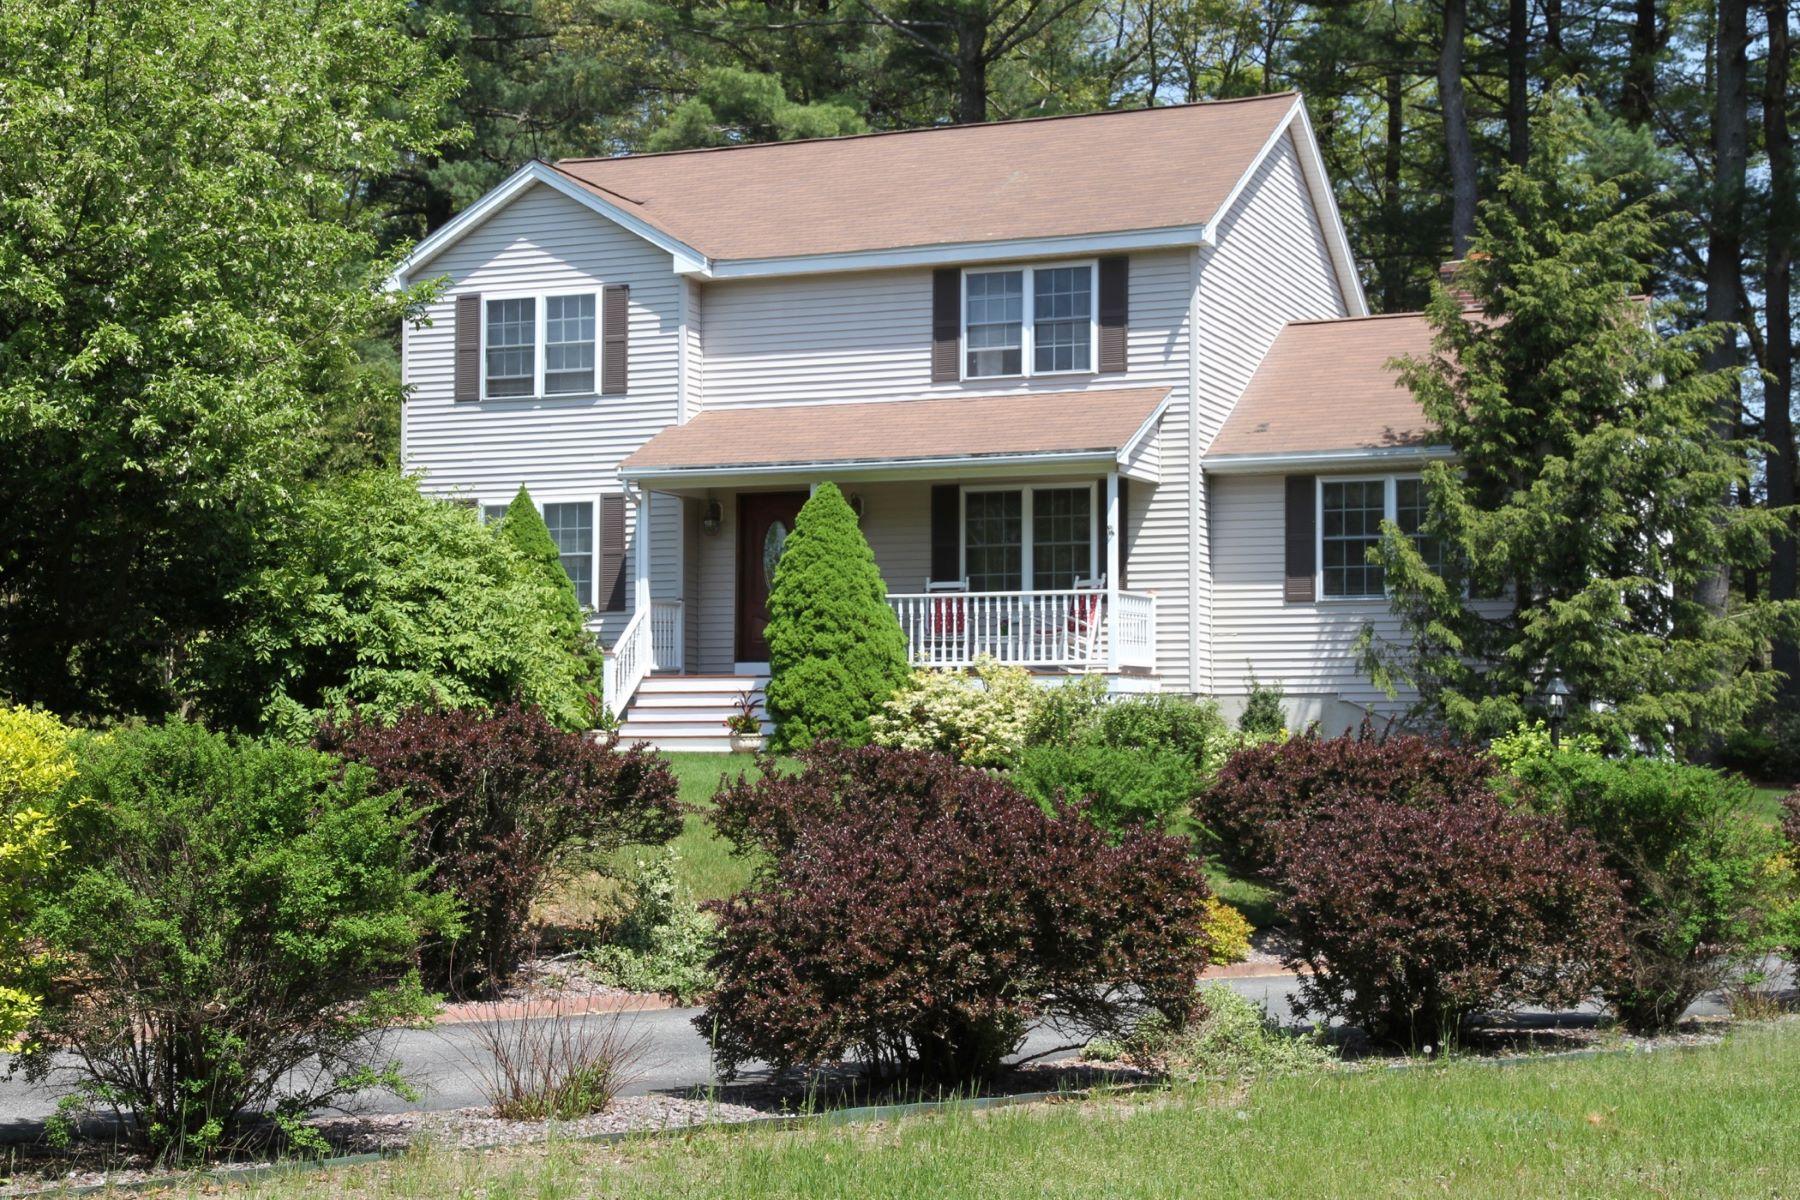 Casa para uma família para Venda às Immaculate Colonial 60 Briana Lee Circle Tewksbury, Massachusetts, 01876 Estados Unidos